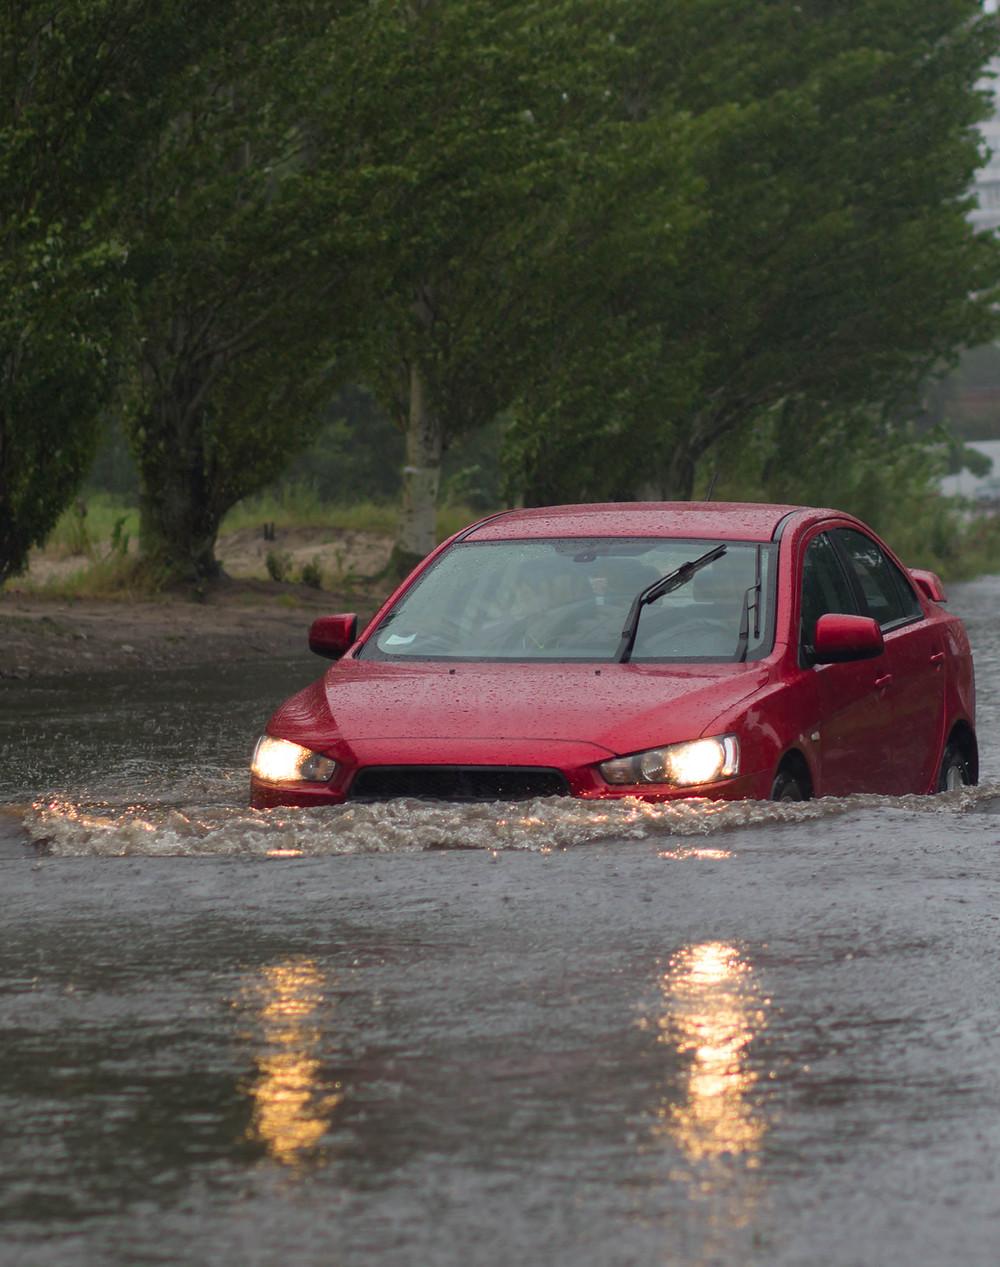 De gevolgen van klimaatverandering zijn ook in Nederland merkbaar